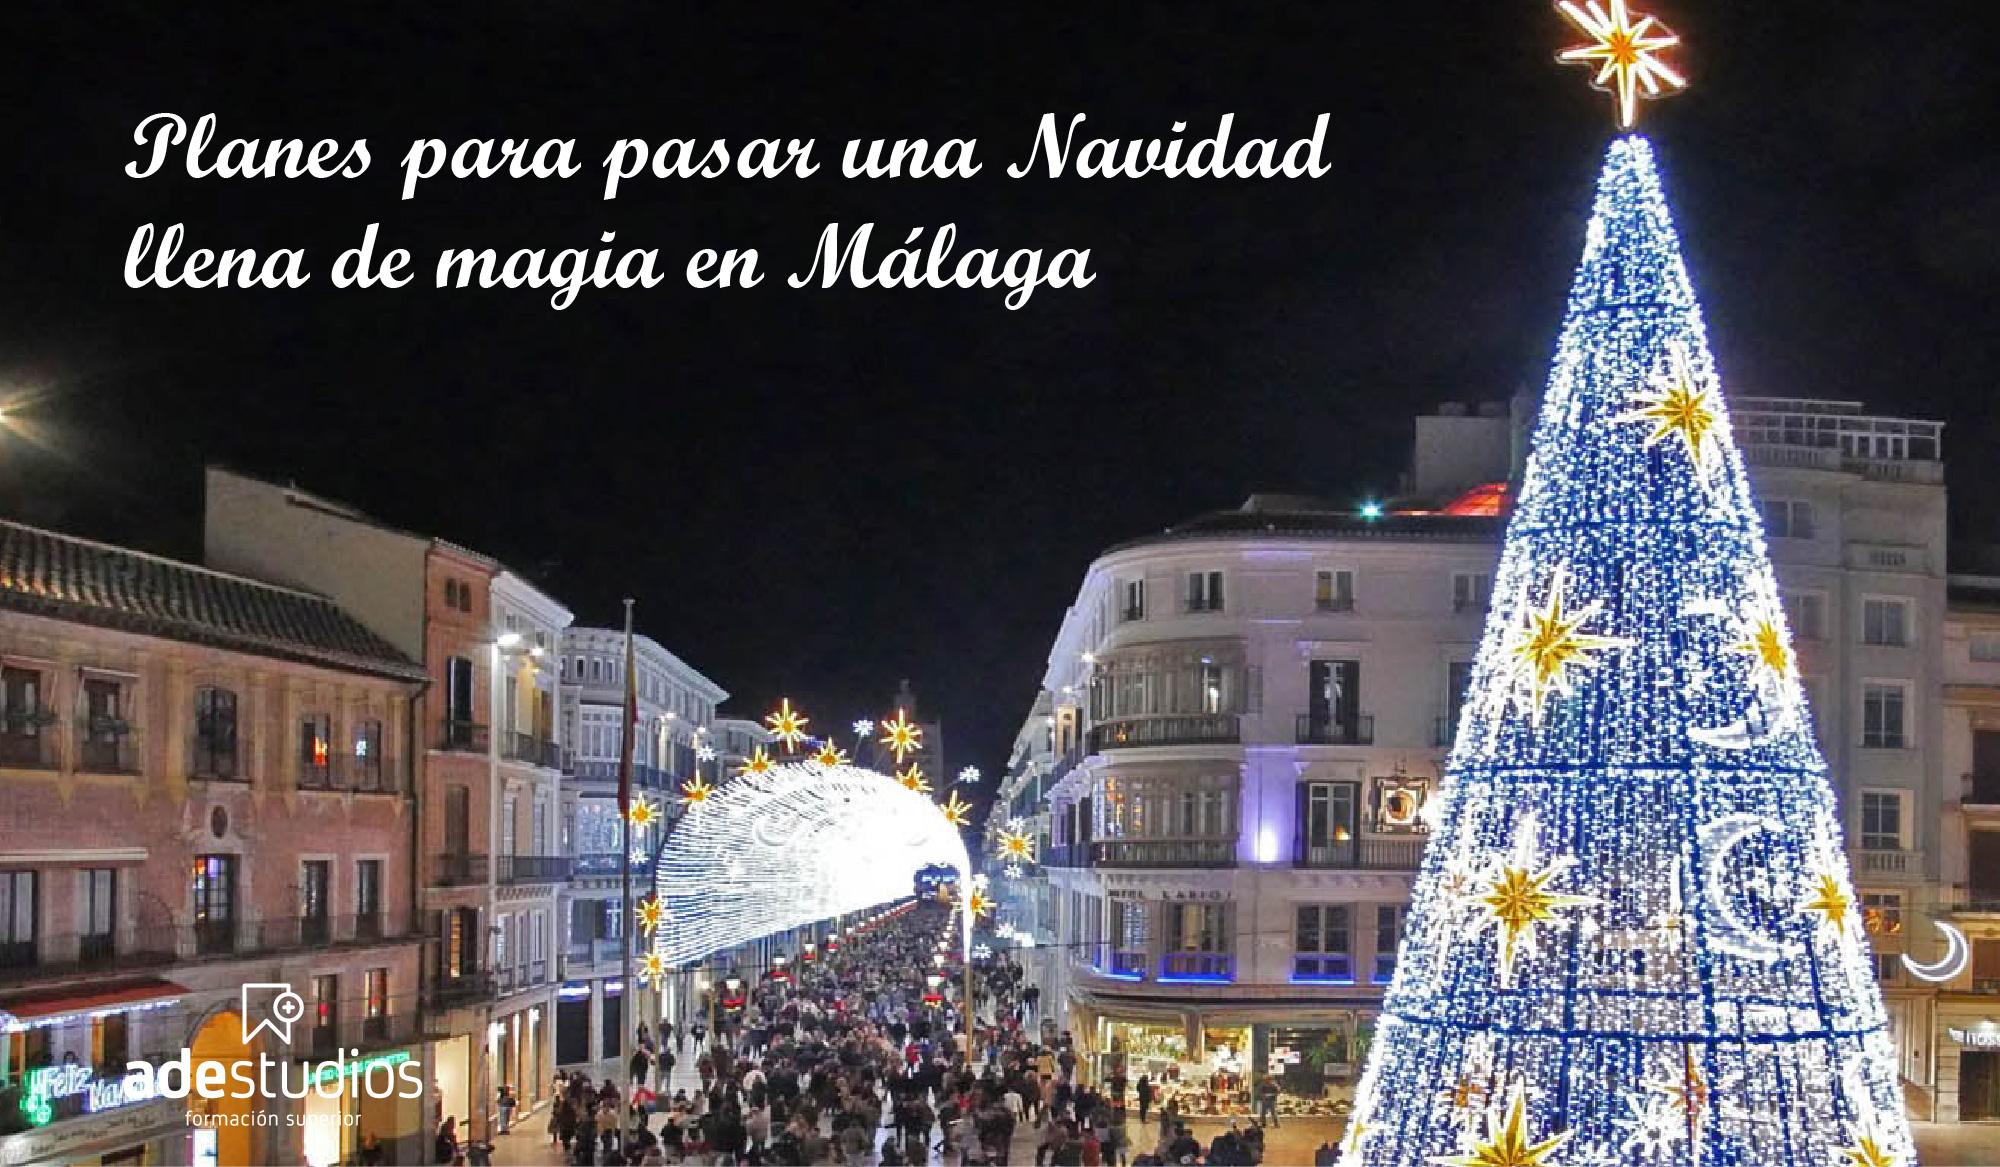 Planes para pasar una Navidad llena de magia en Málaga